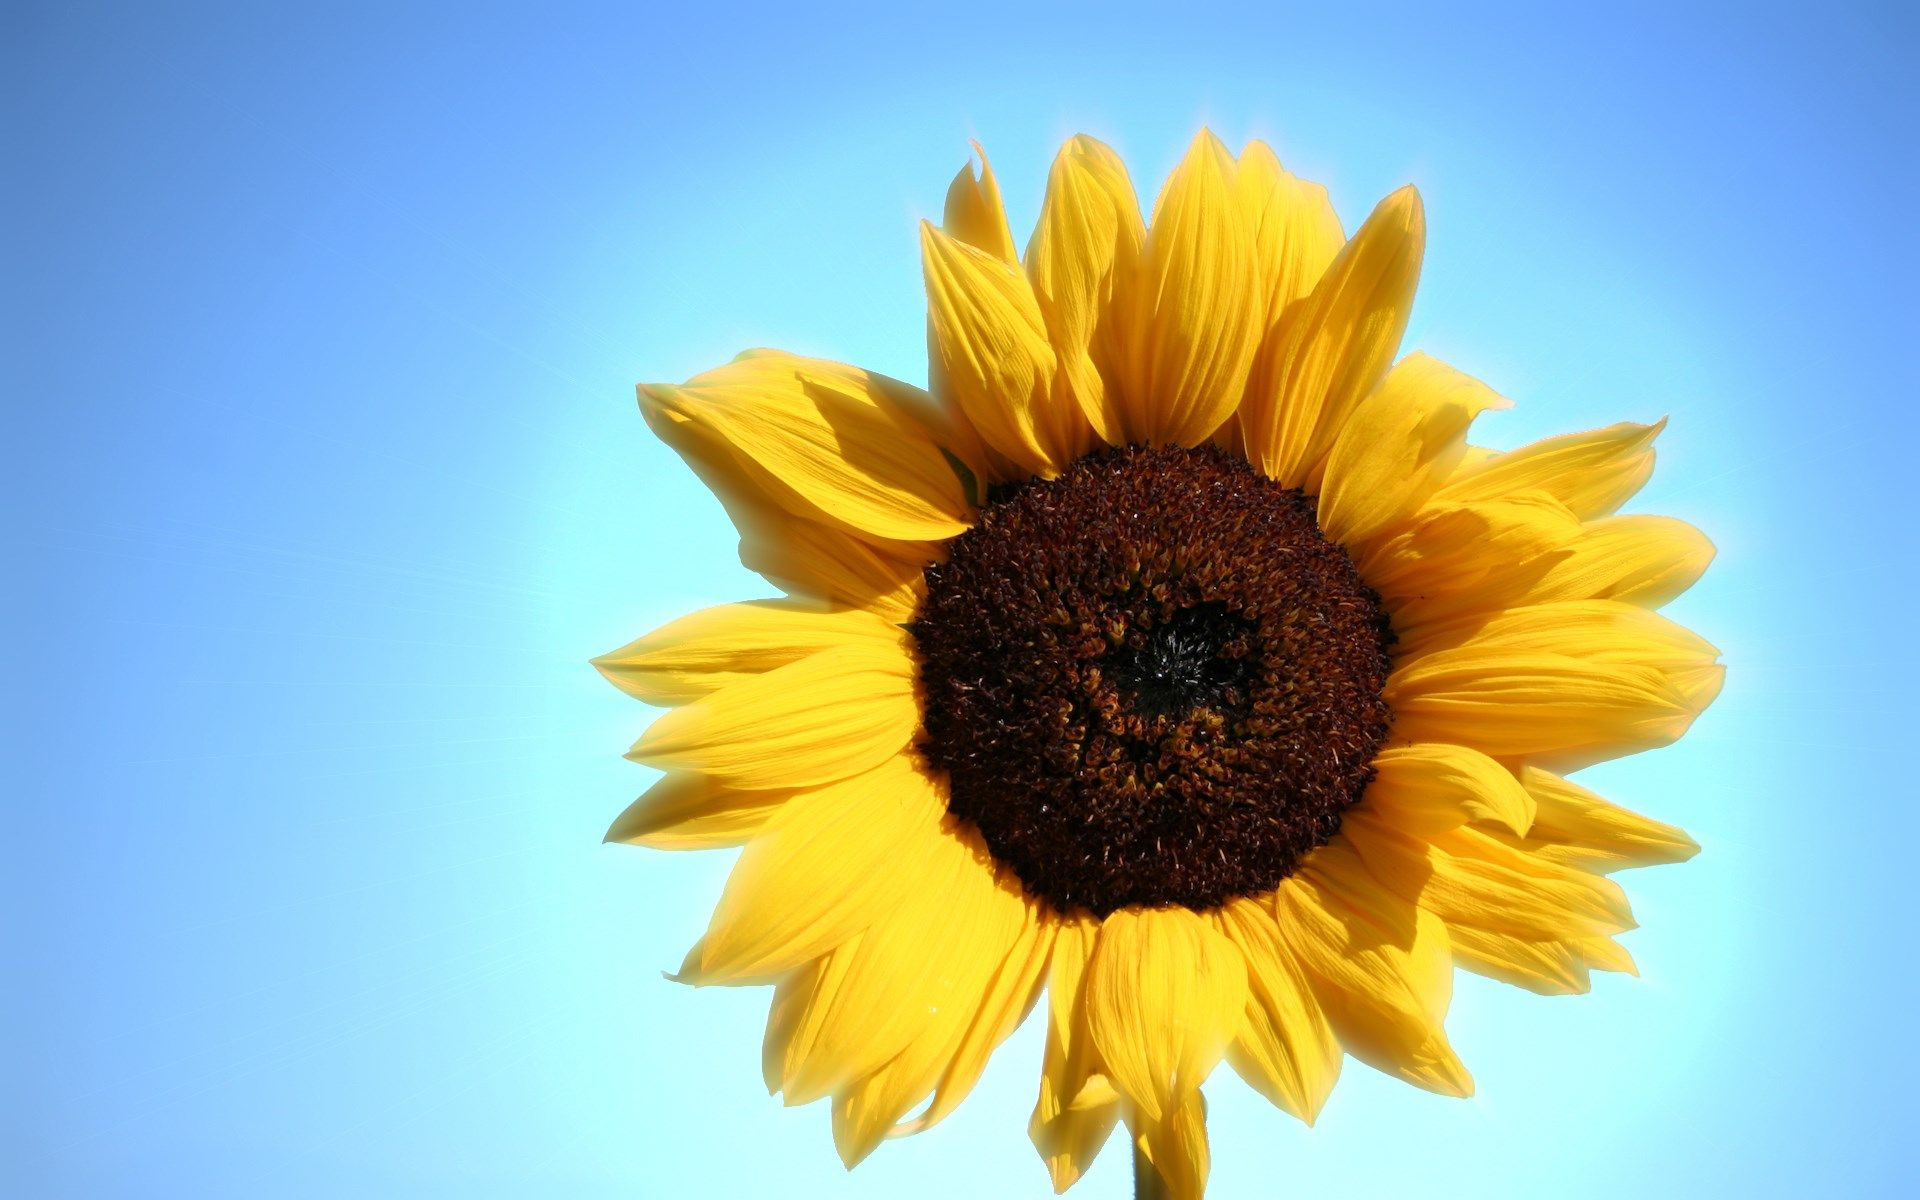 sunflower high resolution wallpapers widescreen | Desktop ...